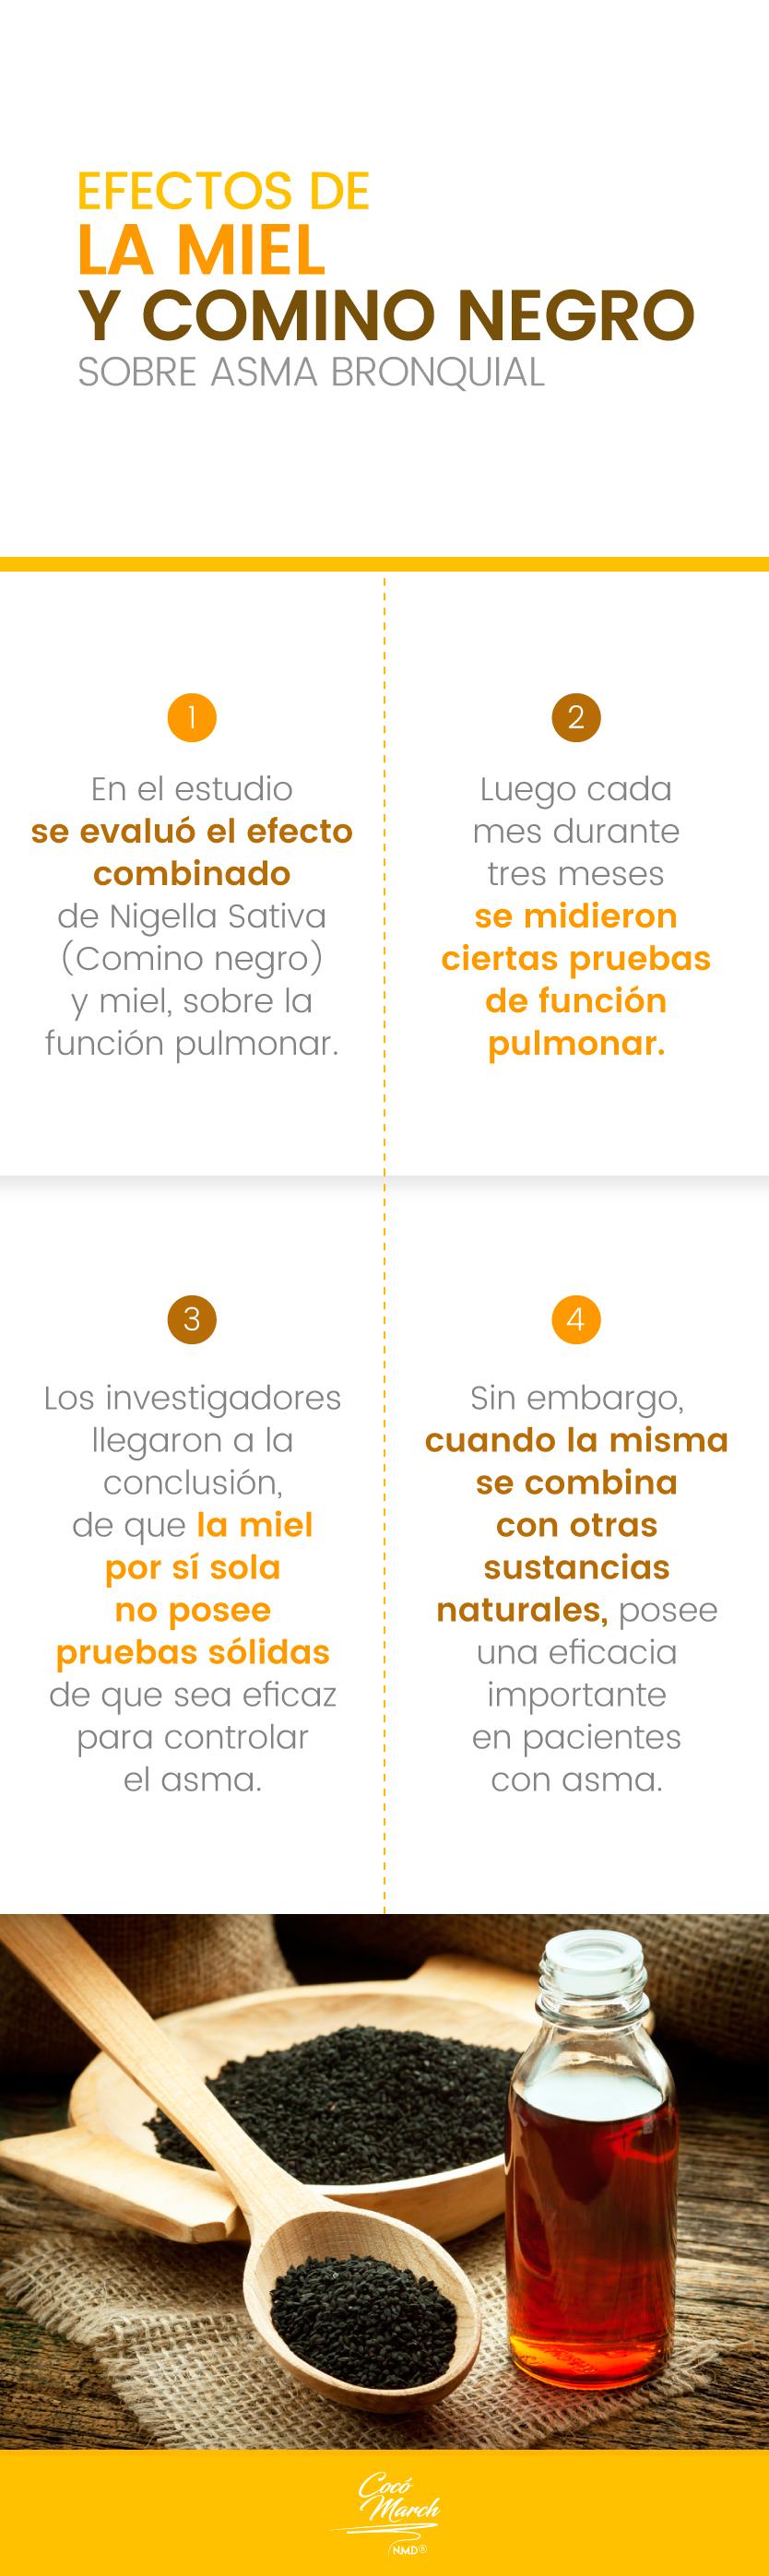 efectos-de-la-miel-y-comino-negro-sobre-asma-bronquial